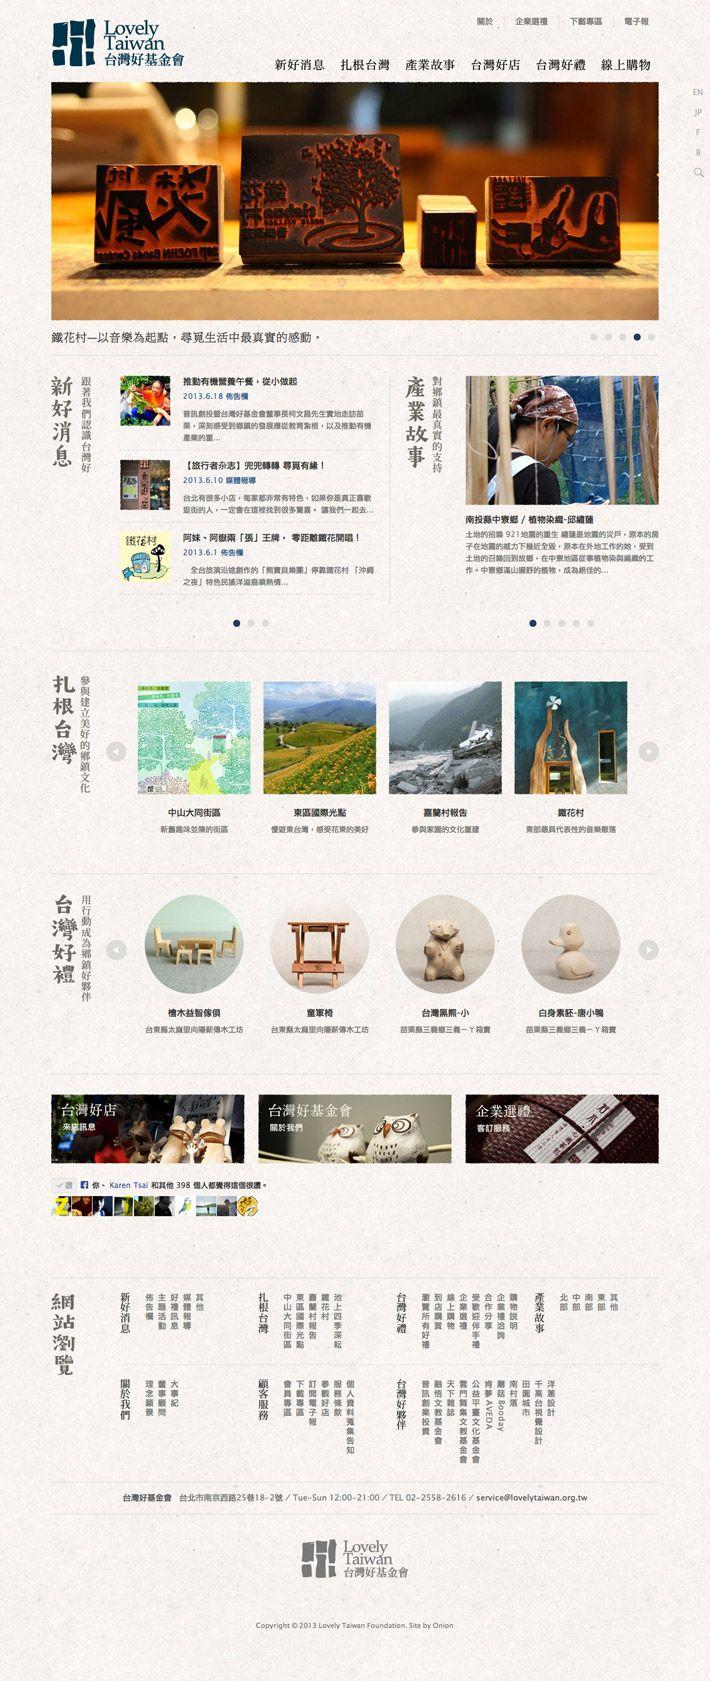 黑秀網 HeyShow.com - 台灣設計師入口網站,設計人與設計創意作品大本營! > 設計文章 > 黑秀人物 > 擁有搖滾靈魂的設計人 專訪洋蔥設計負責人  Andrew Wong